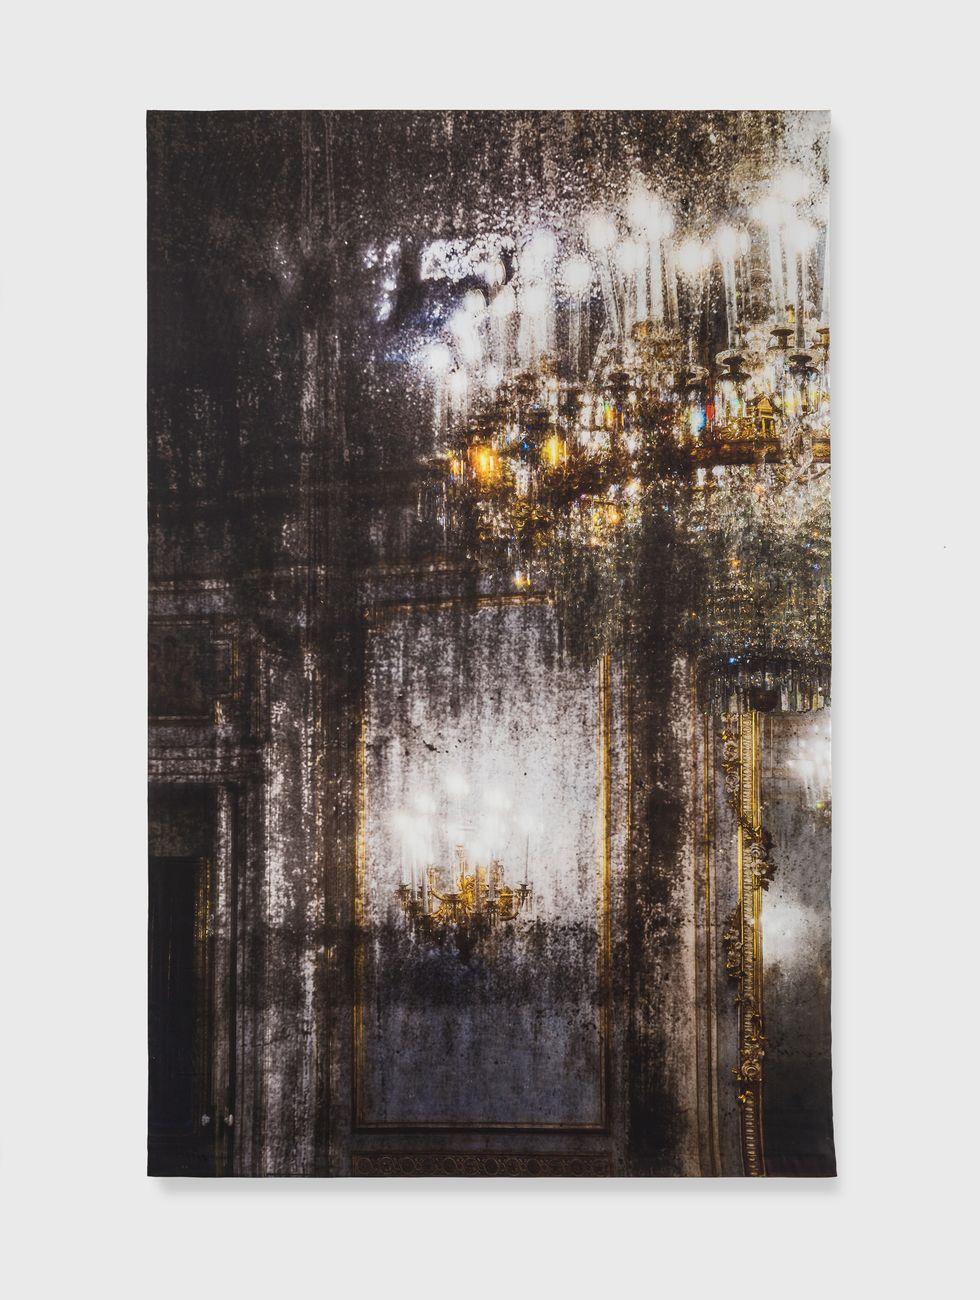 Elisa Sighicelli, Untitled (9178), 2018, 214 x 143 cm, fotografia stampata su raso